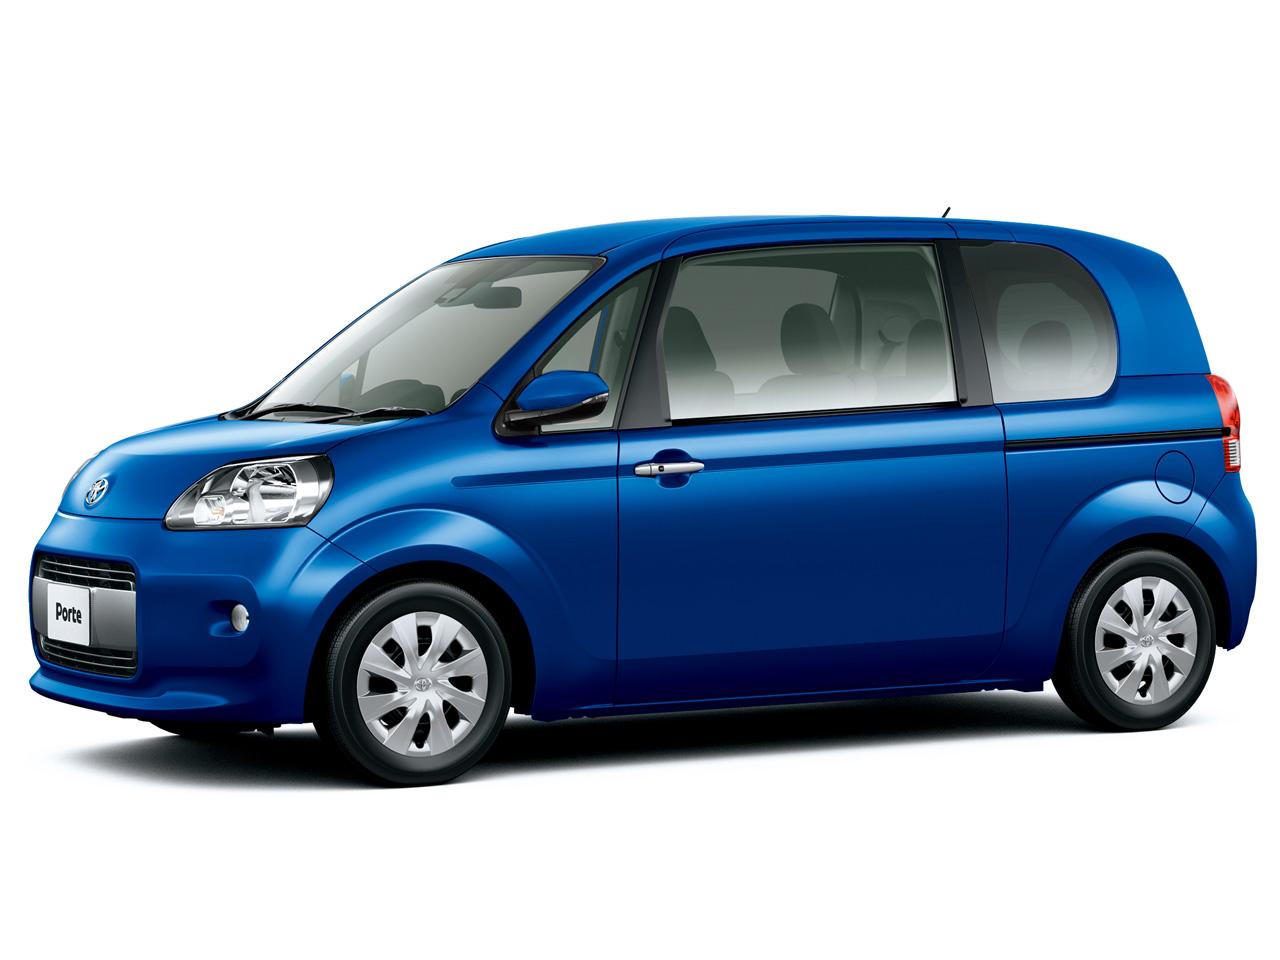 トヨタ ポルテ 2012年モデル 新車画像